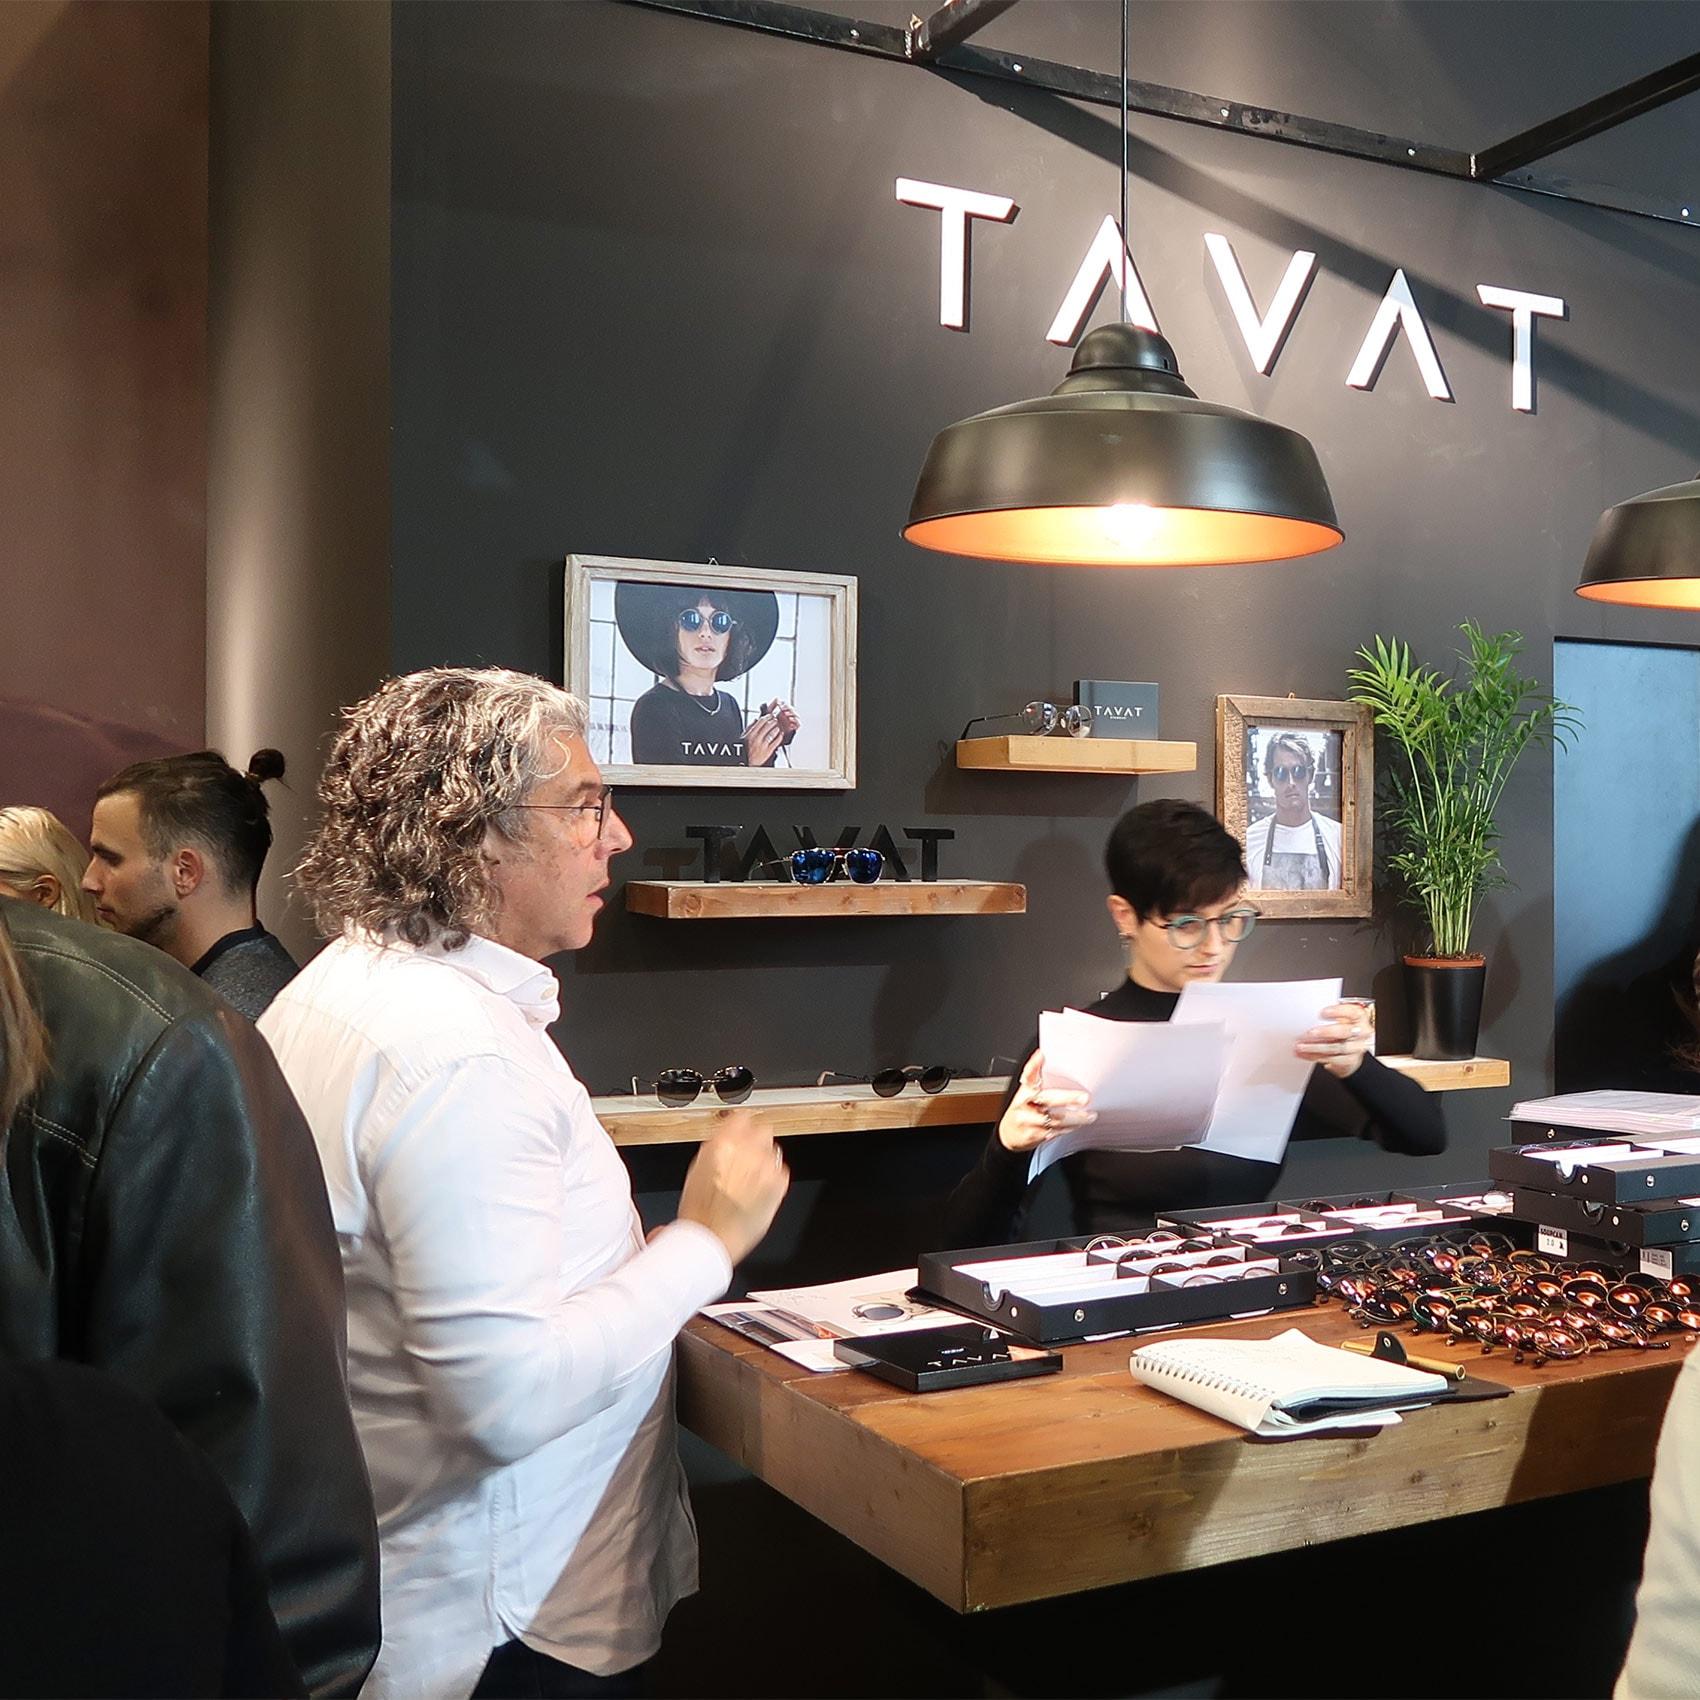 171028-tavat_01